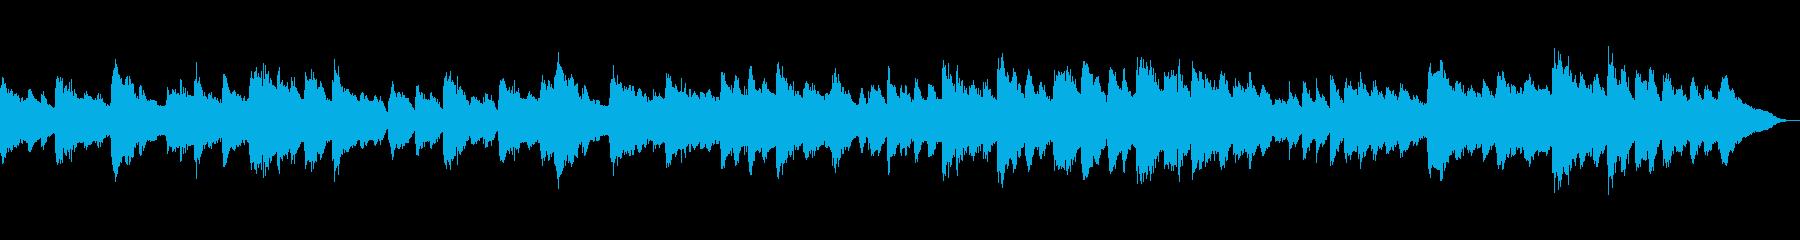 ベートーベン「悲愴」第2楽章 ピアノの再生済みの波形